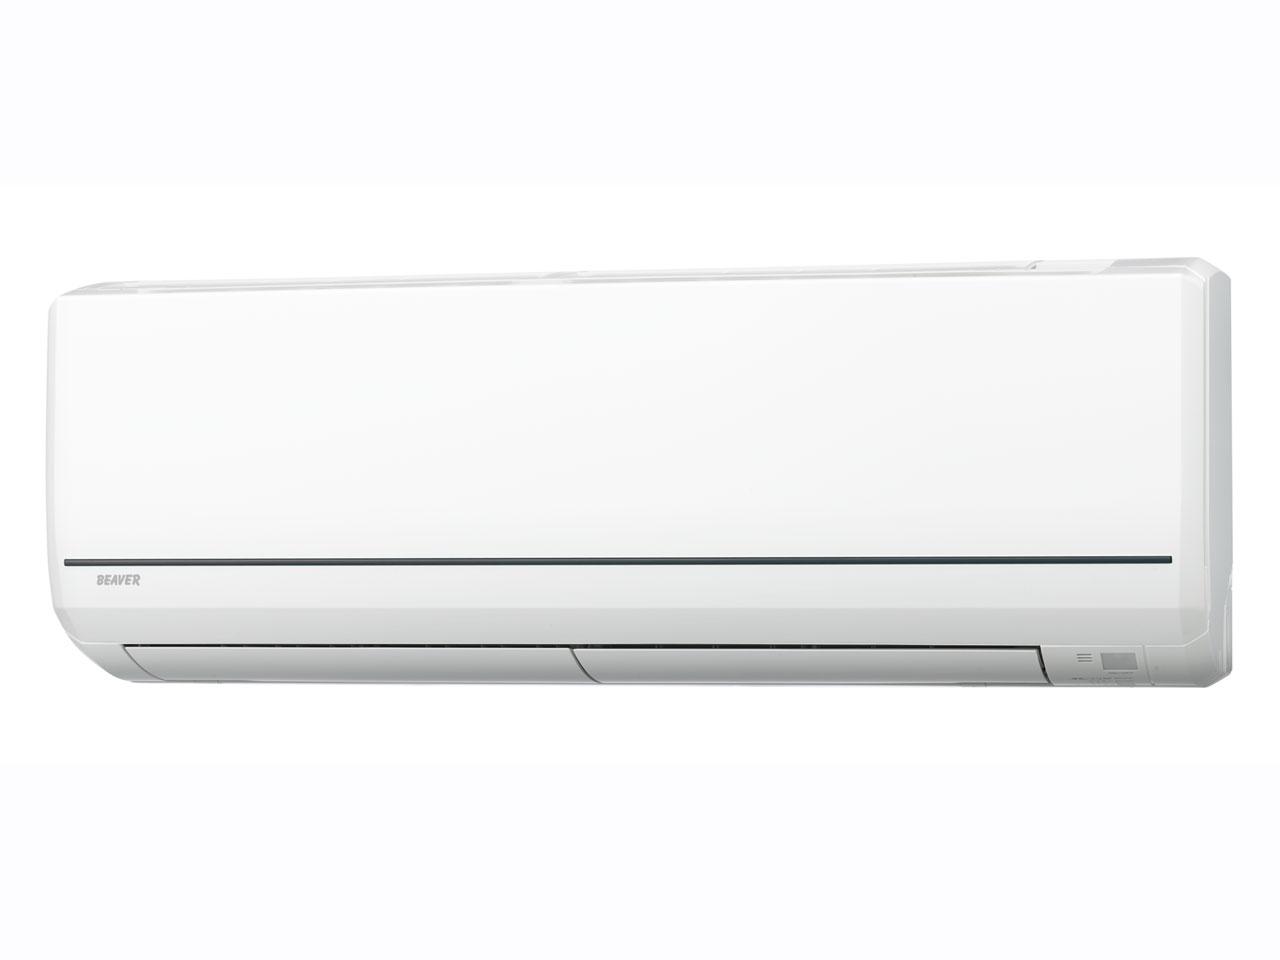 失敗しない!エアコンの賢い選び方&おすすめメーカーまとめのサムネイル画像